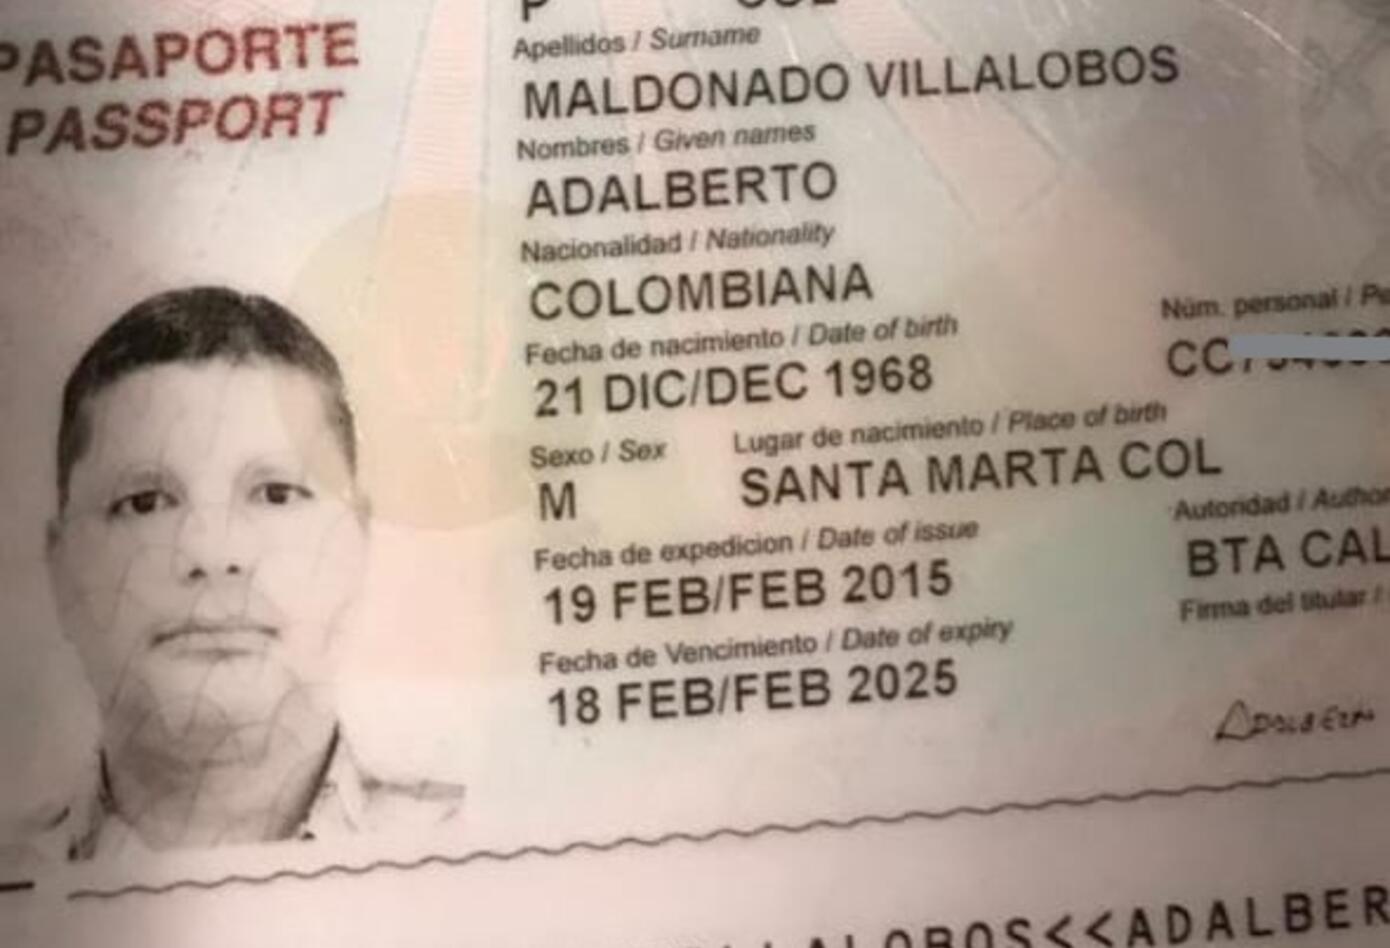 Pasaporte del colombiano detenido en aeropuerto de Barcelona